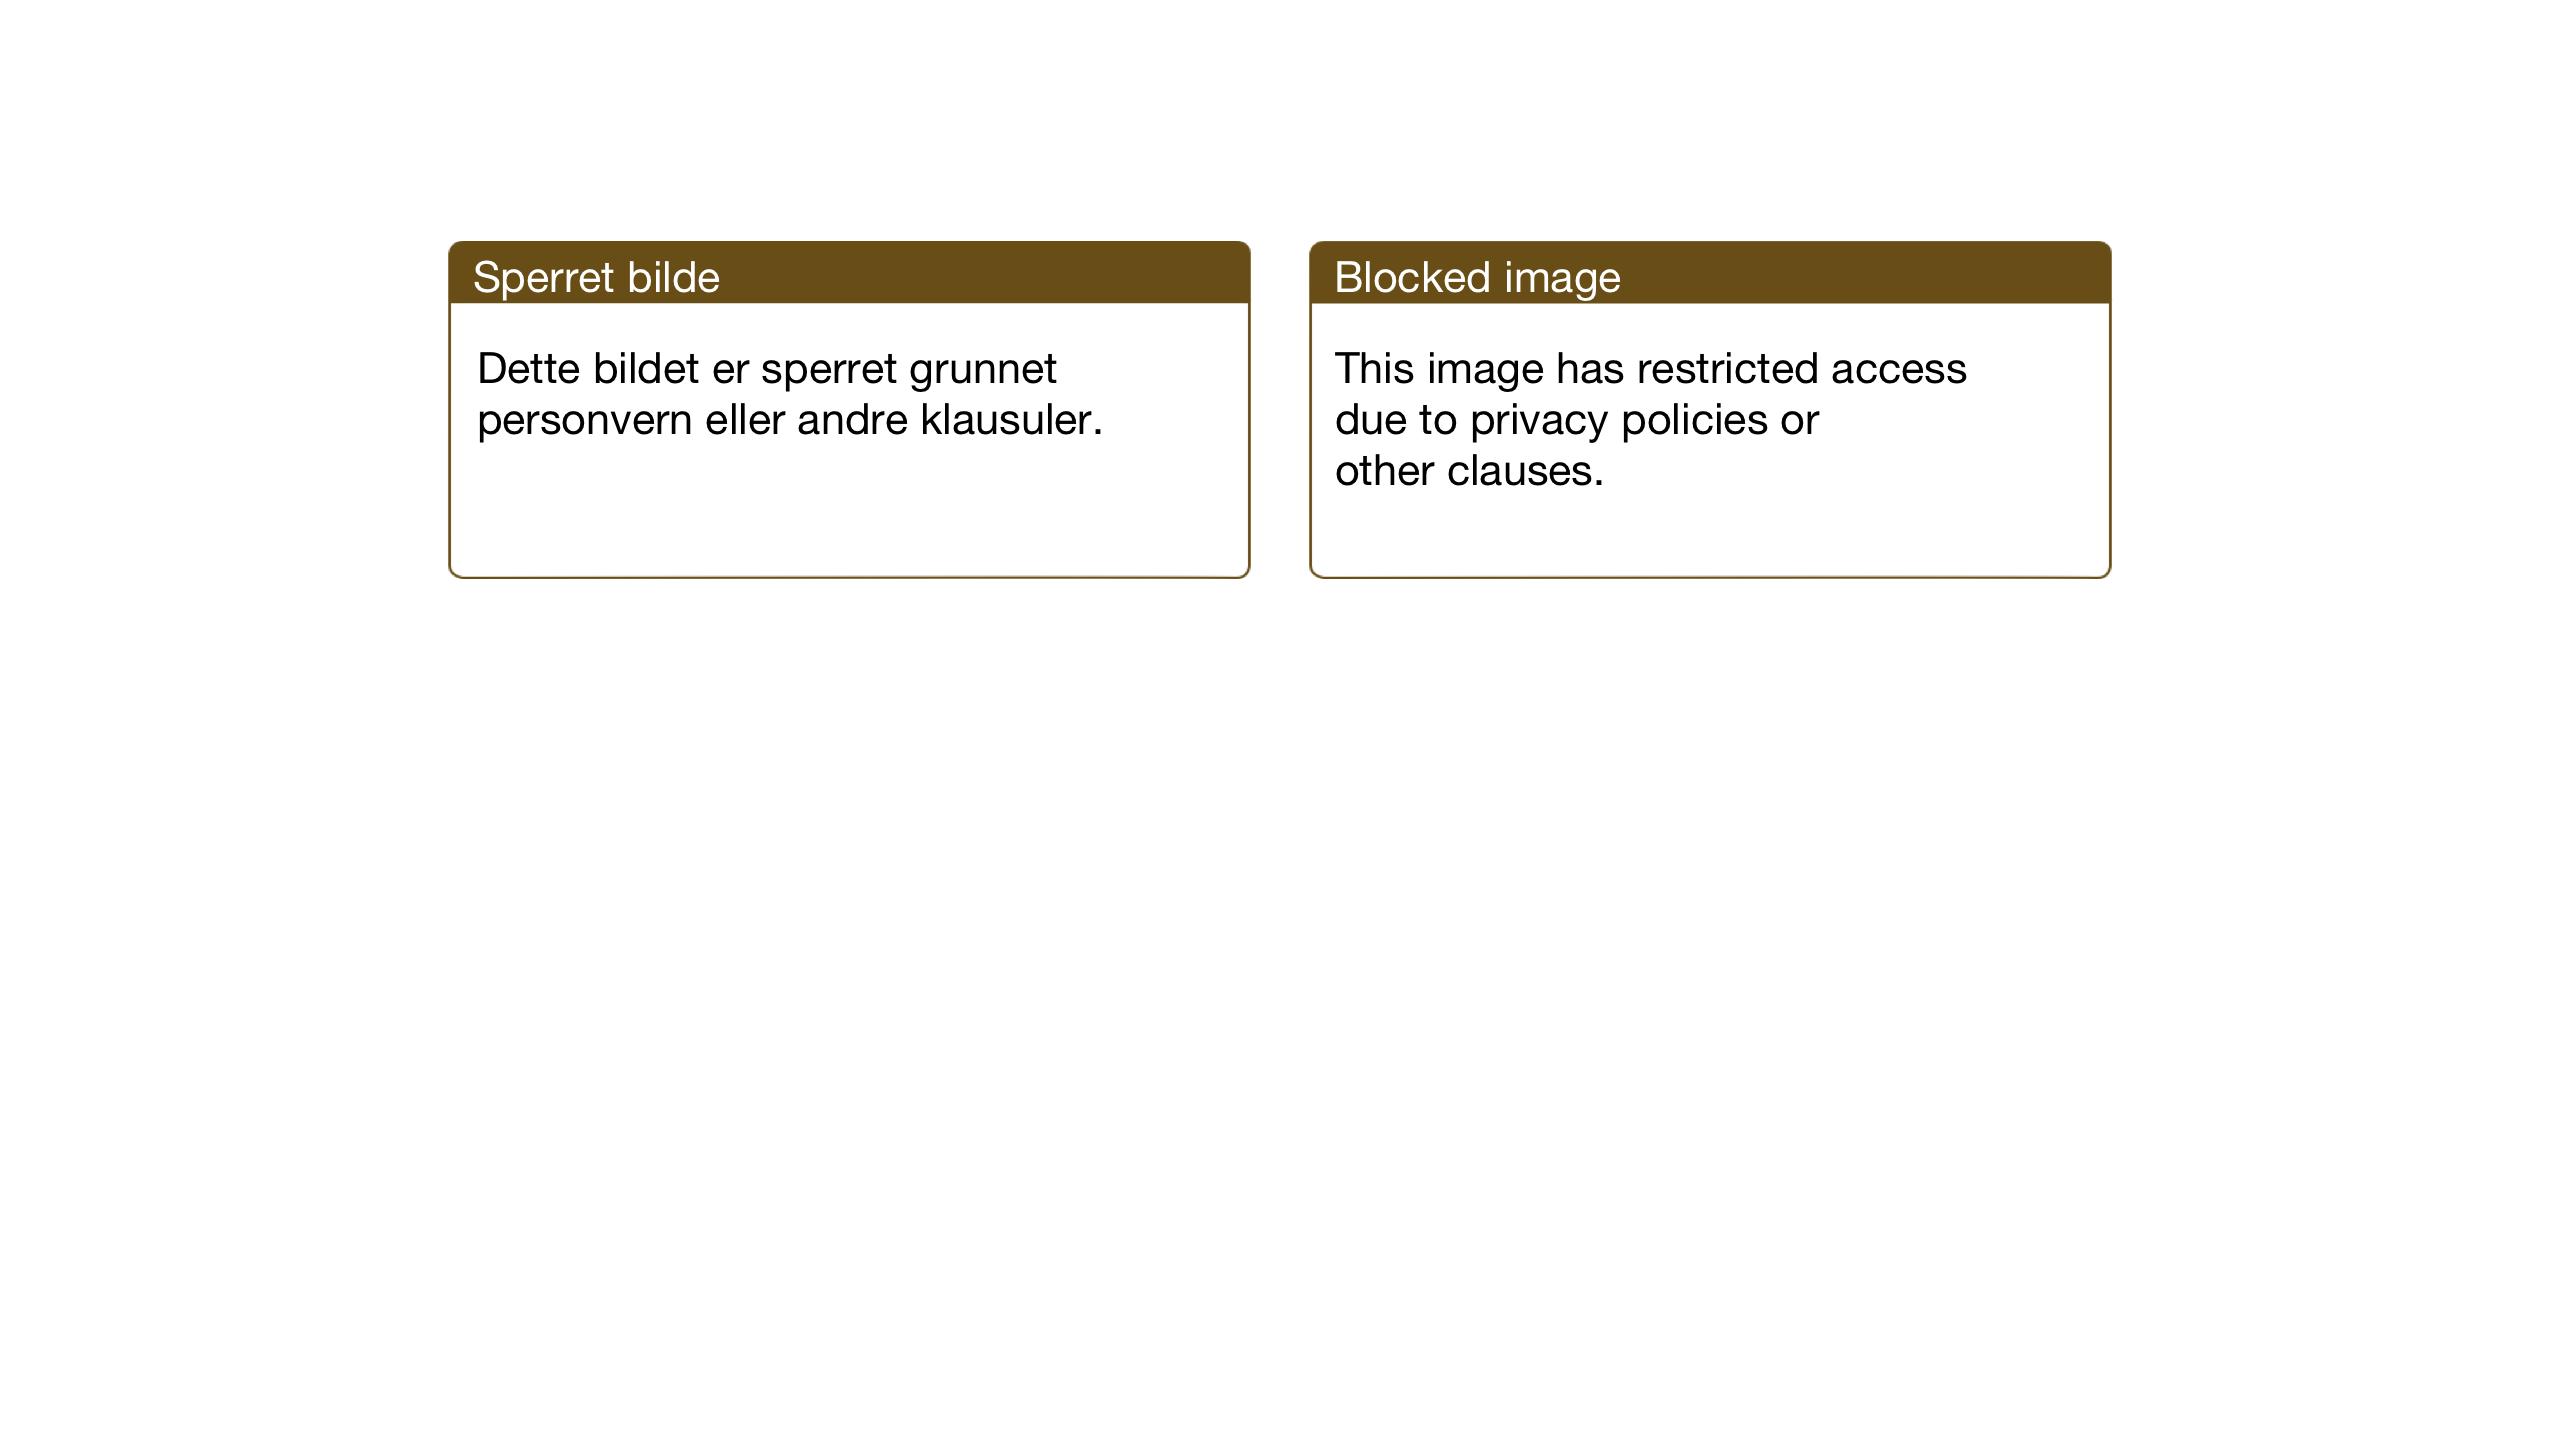 SAT, Ministerialprotokoller, klokkerbøker og fødselsregistre - Sør-Trøndelag, 667/L0799: Klokkerbok nr. 667C04, 1929-1950, s. 102